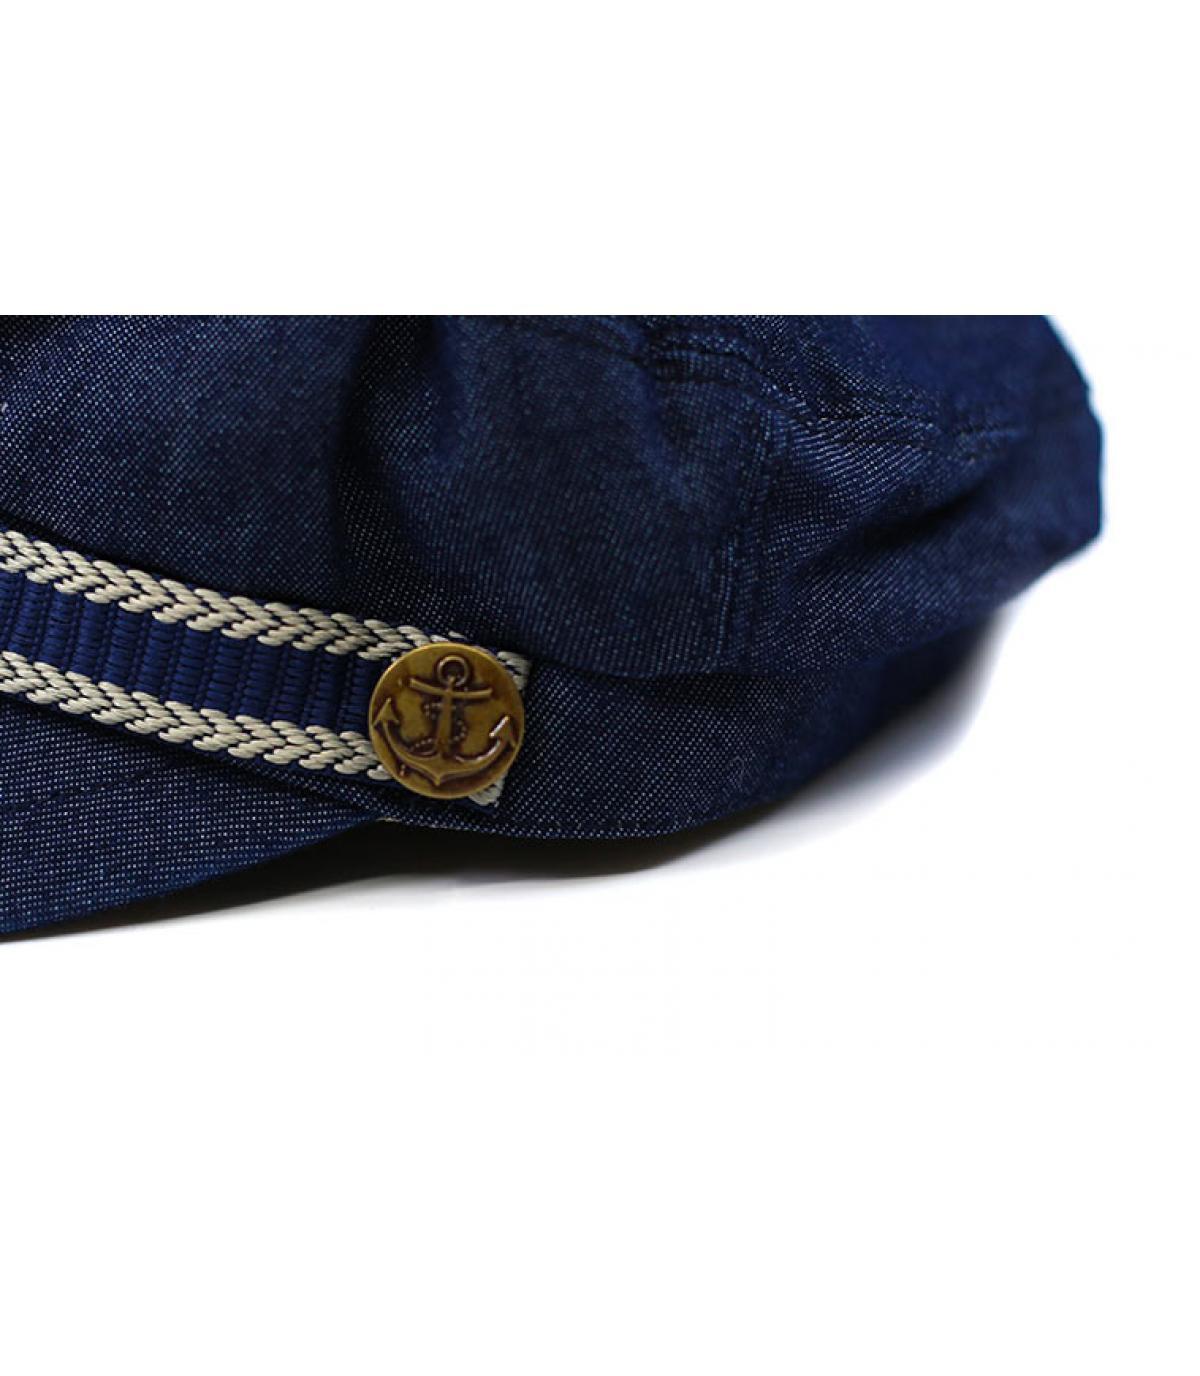 Détails Marins blue - image 3